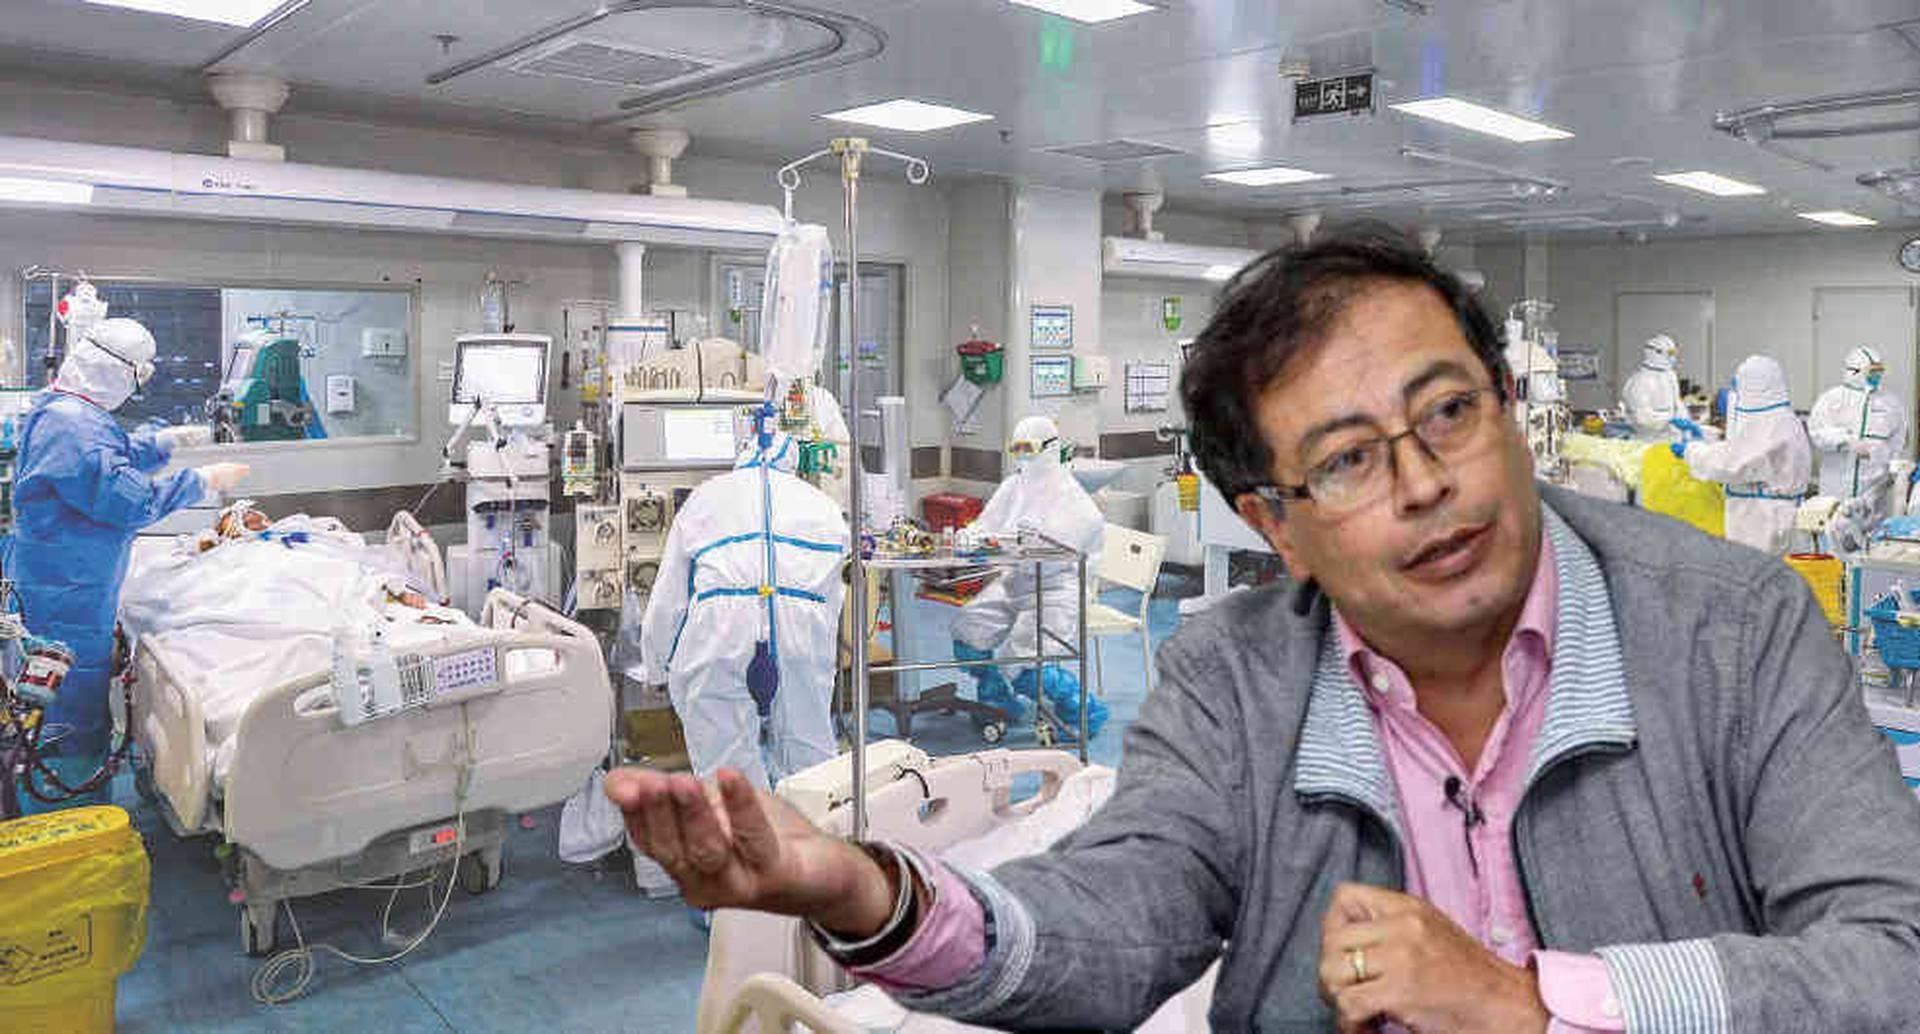 Los trinos del senador Petro que molestaron a la comunidad médica/ Fotomontaje SEMANA